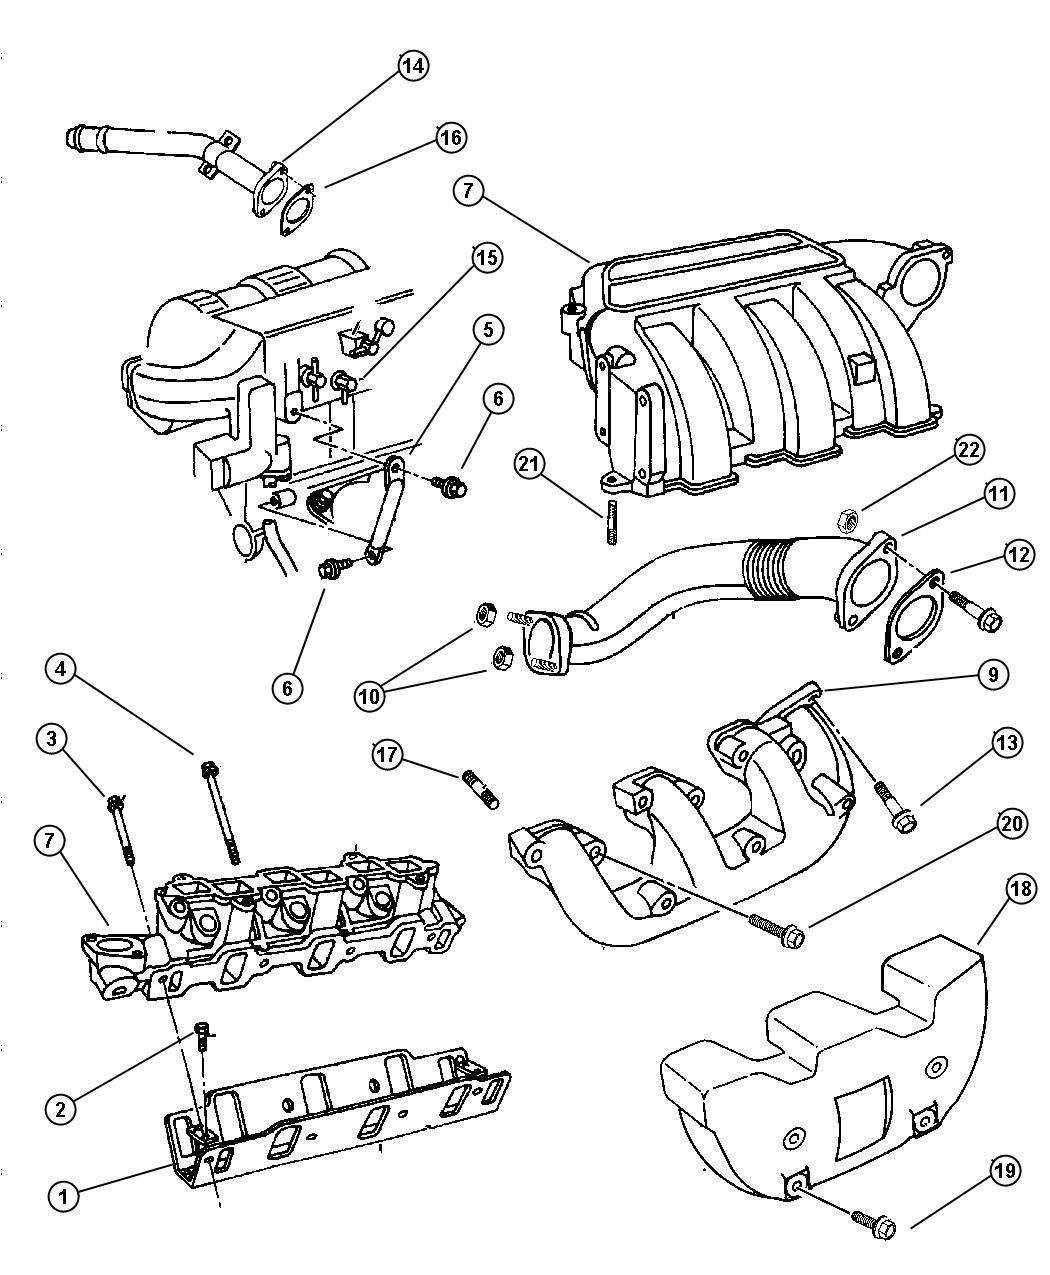 hight resolution of dodge 3 3l engine diagram wiring librarychrysler 3 3l crankshaft position sensor location chrysler get free